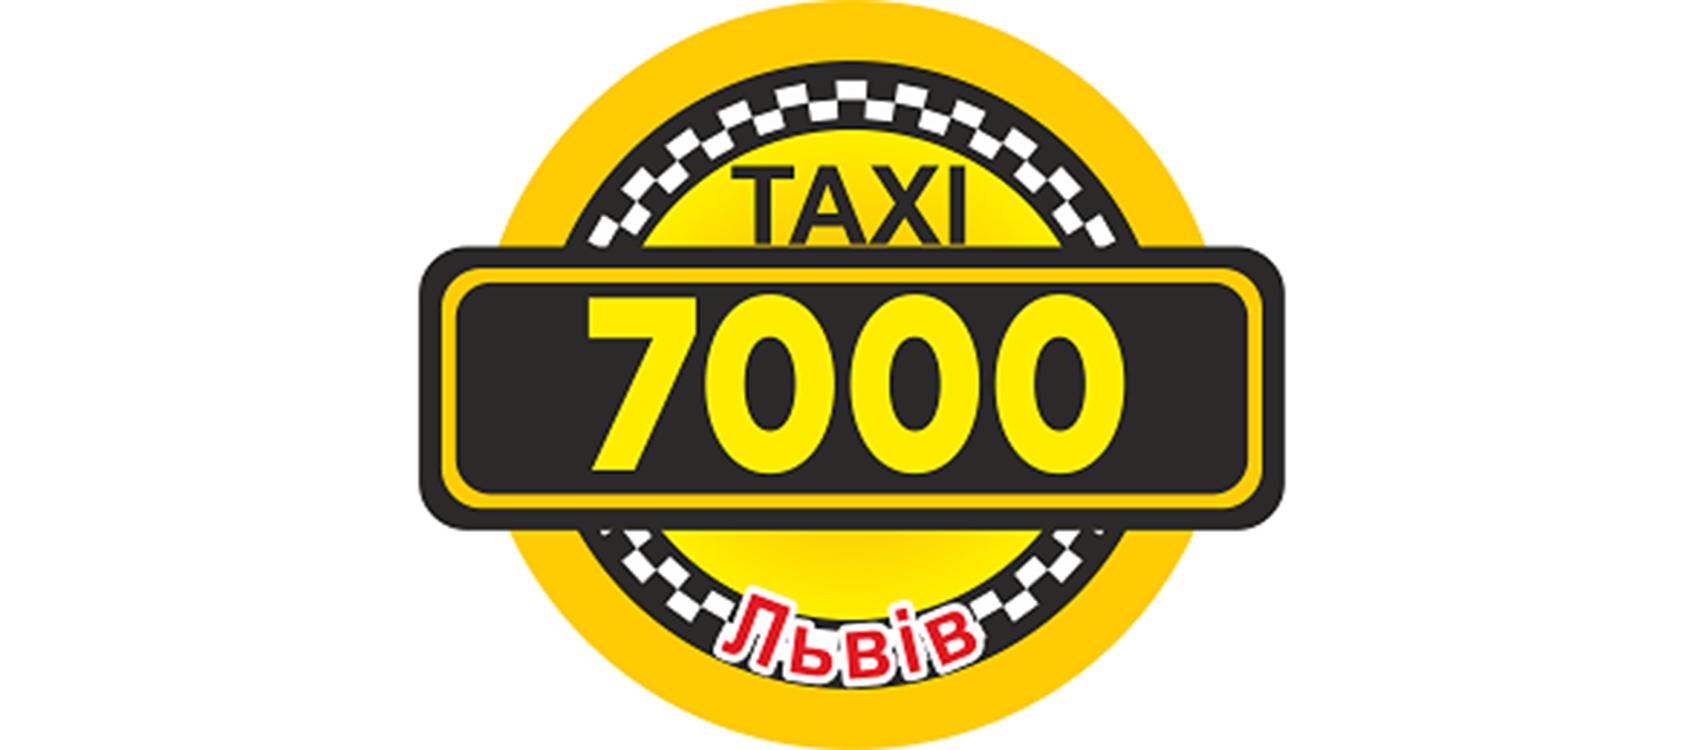 Таксі Економ 7000  (Львів)